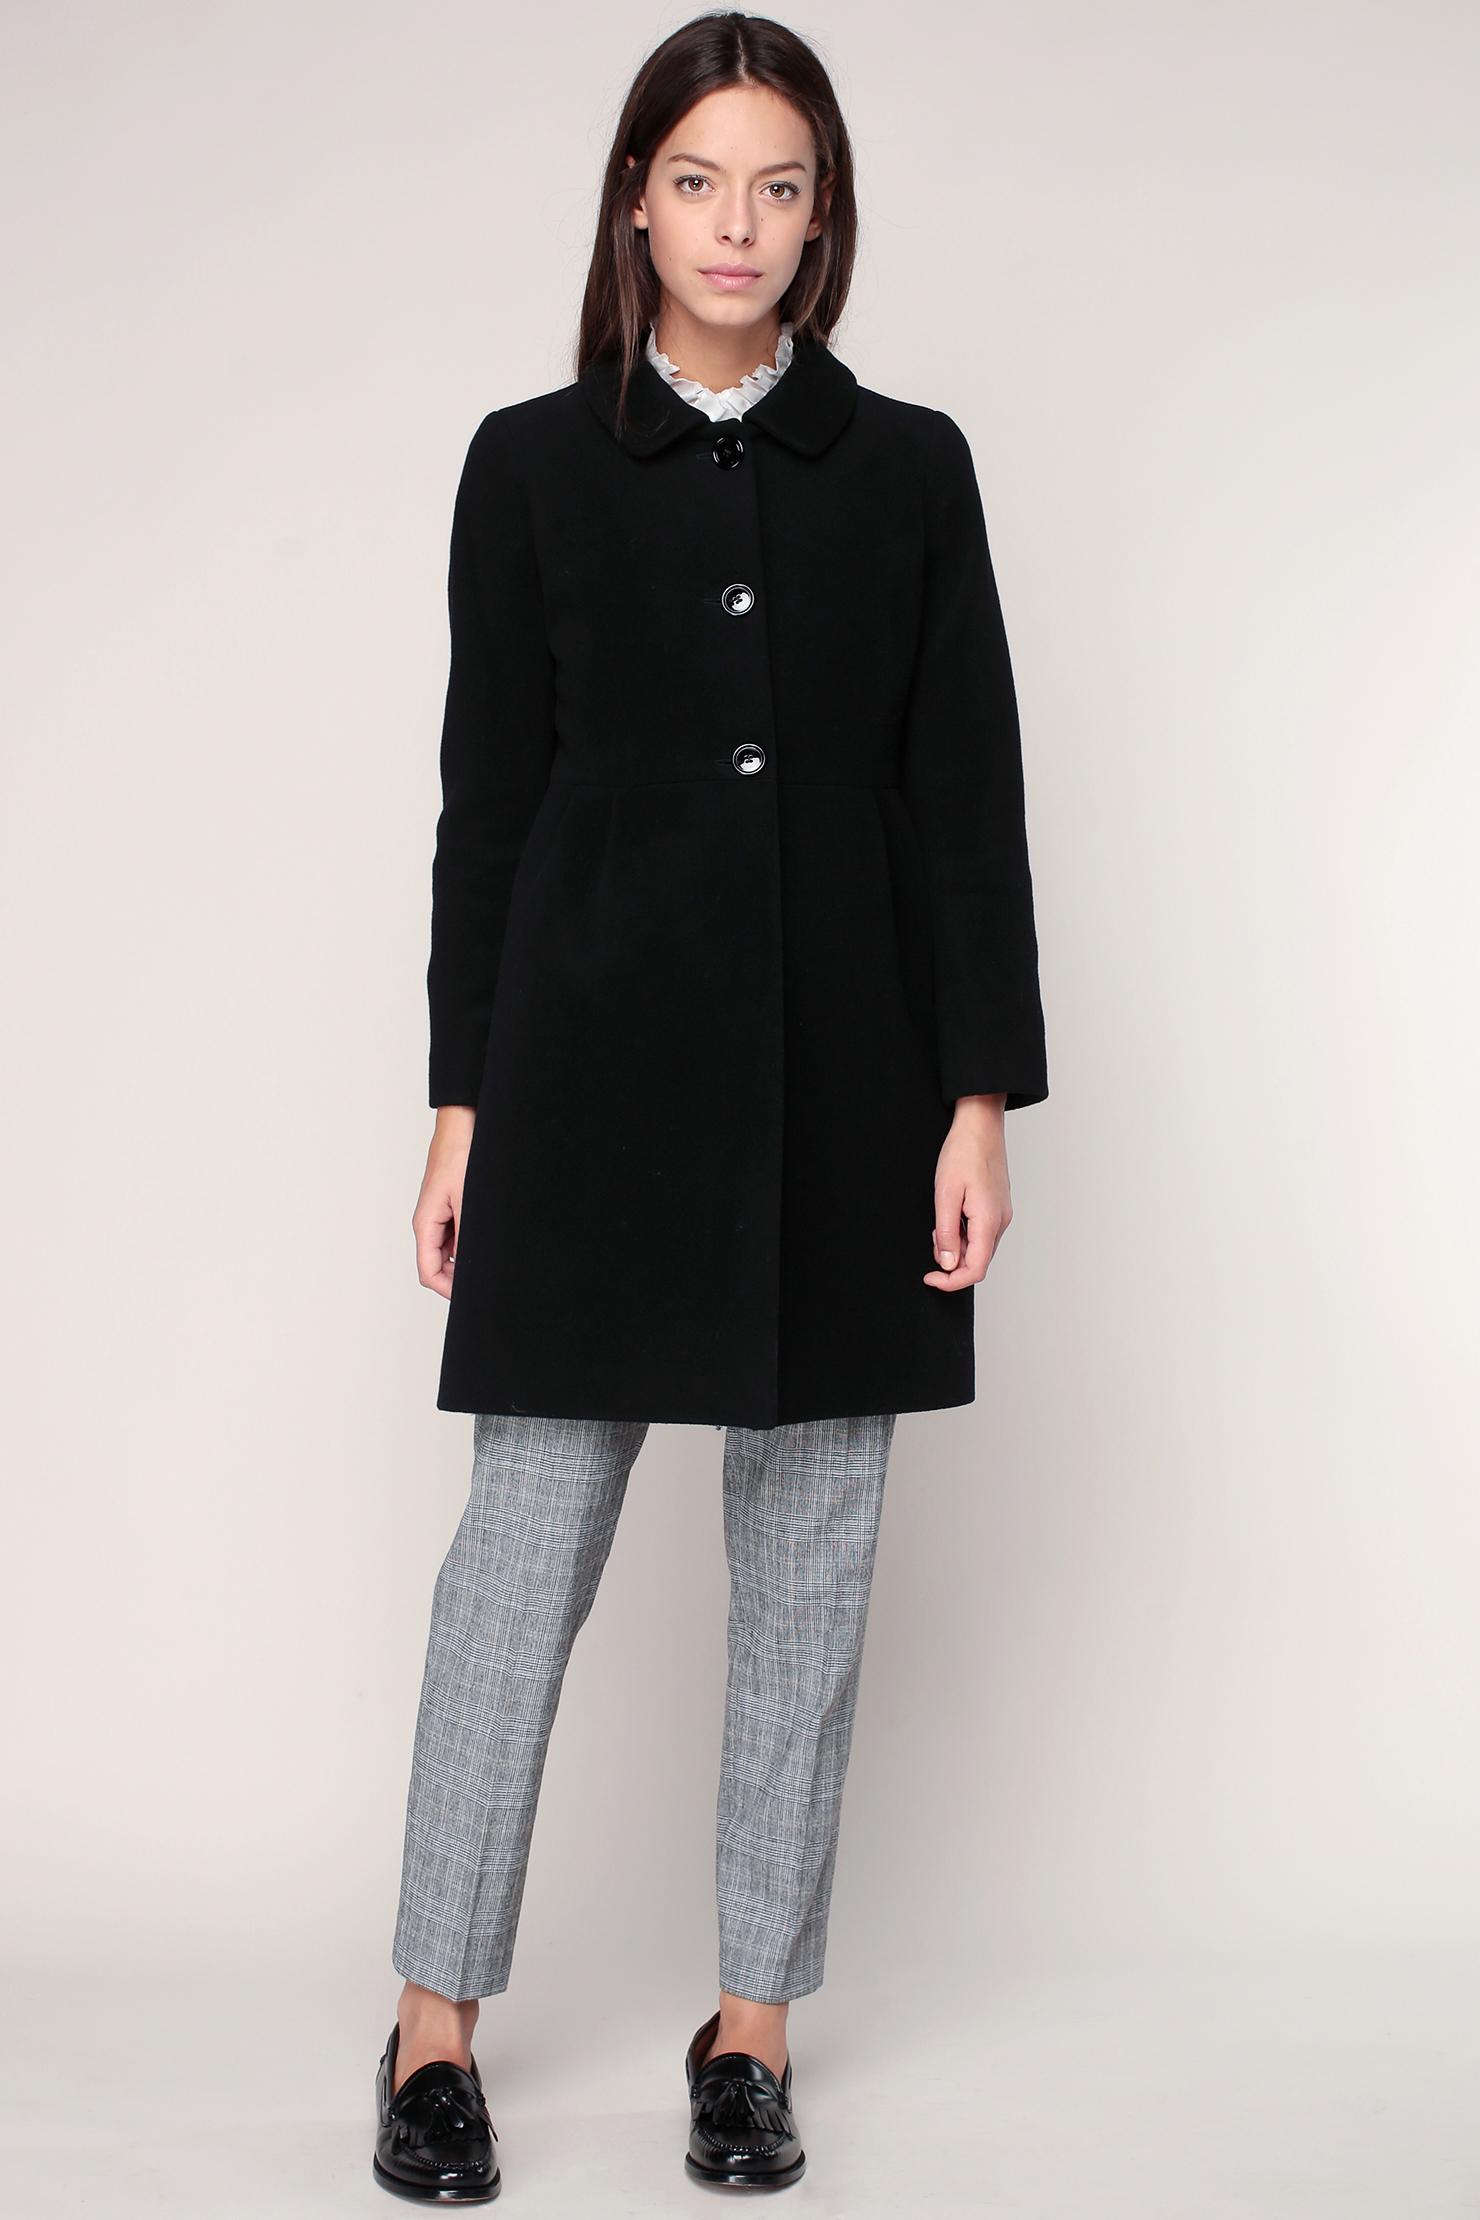 A shopper sur   monshowroom.com · Manteau laine vierge noir Michelle – Pablo  de Gérard Darel 2e3fc030a471